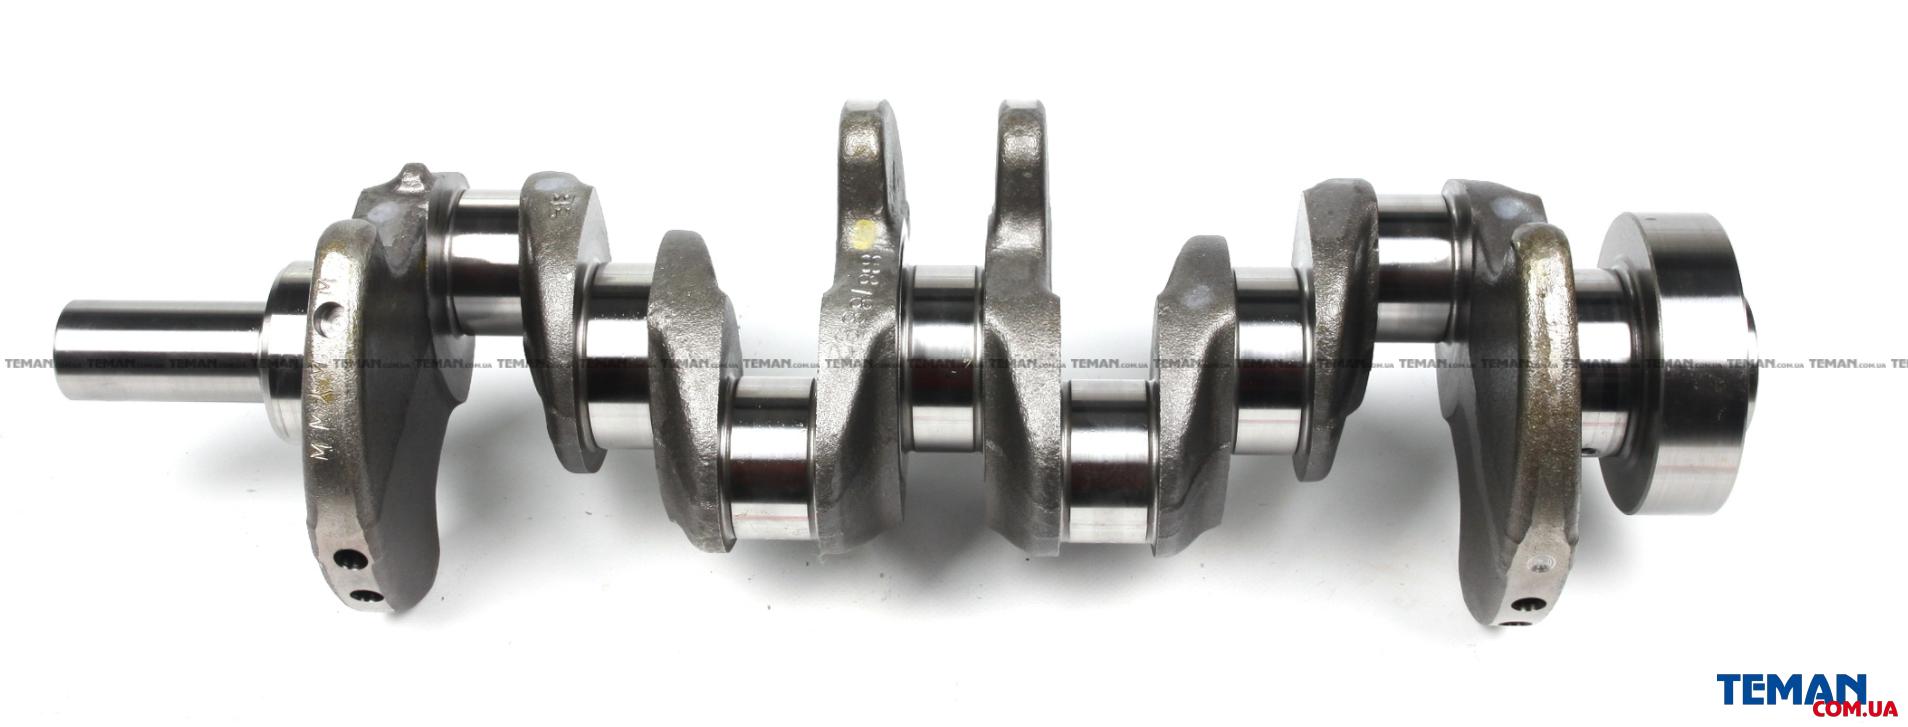 Купить Вал колінчастий двигунаOE GERMANY 010300611000